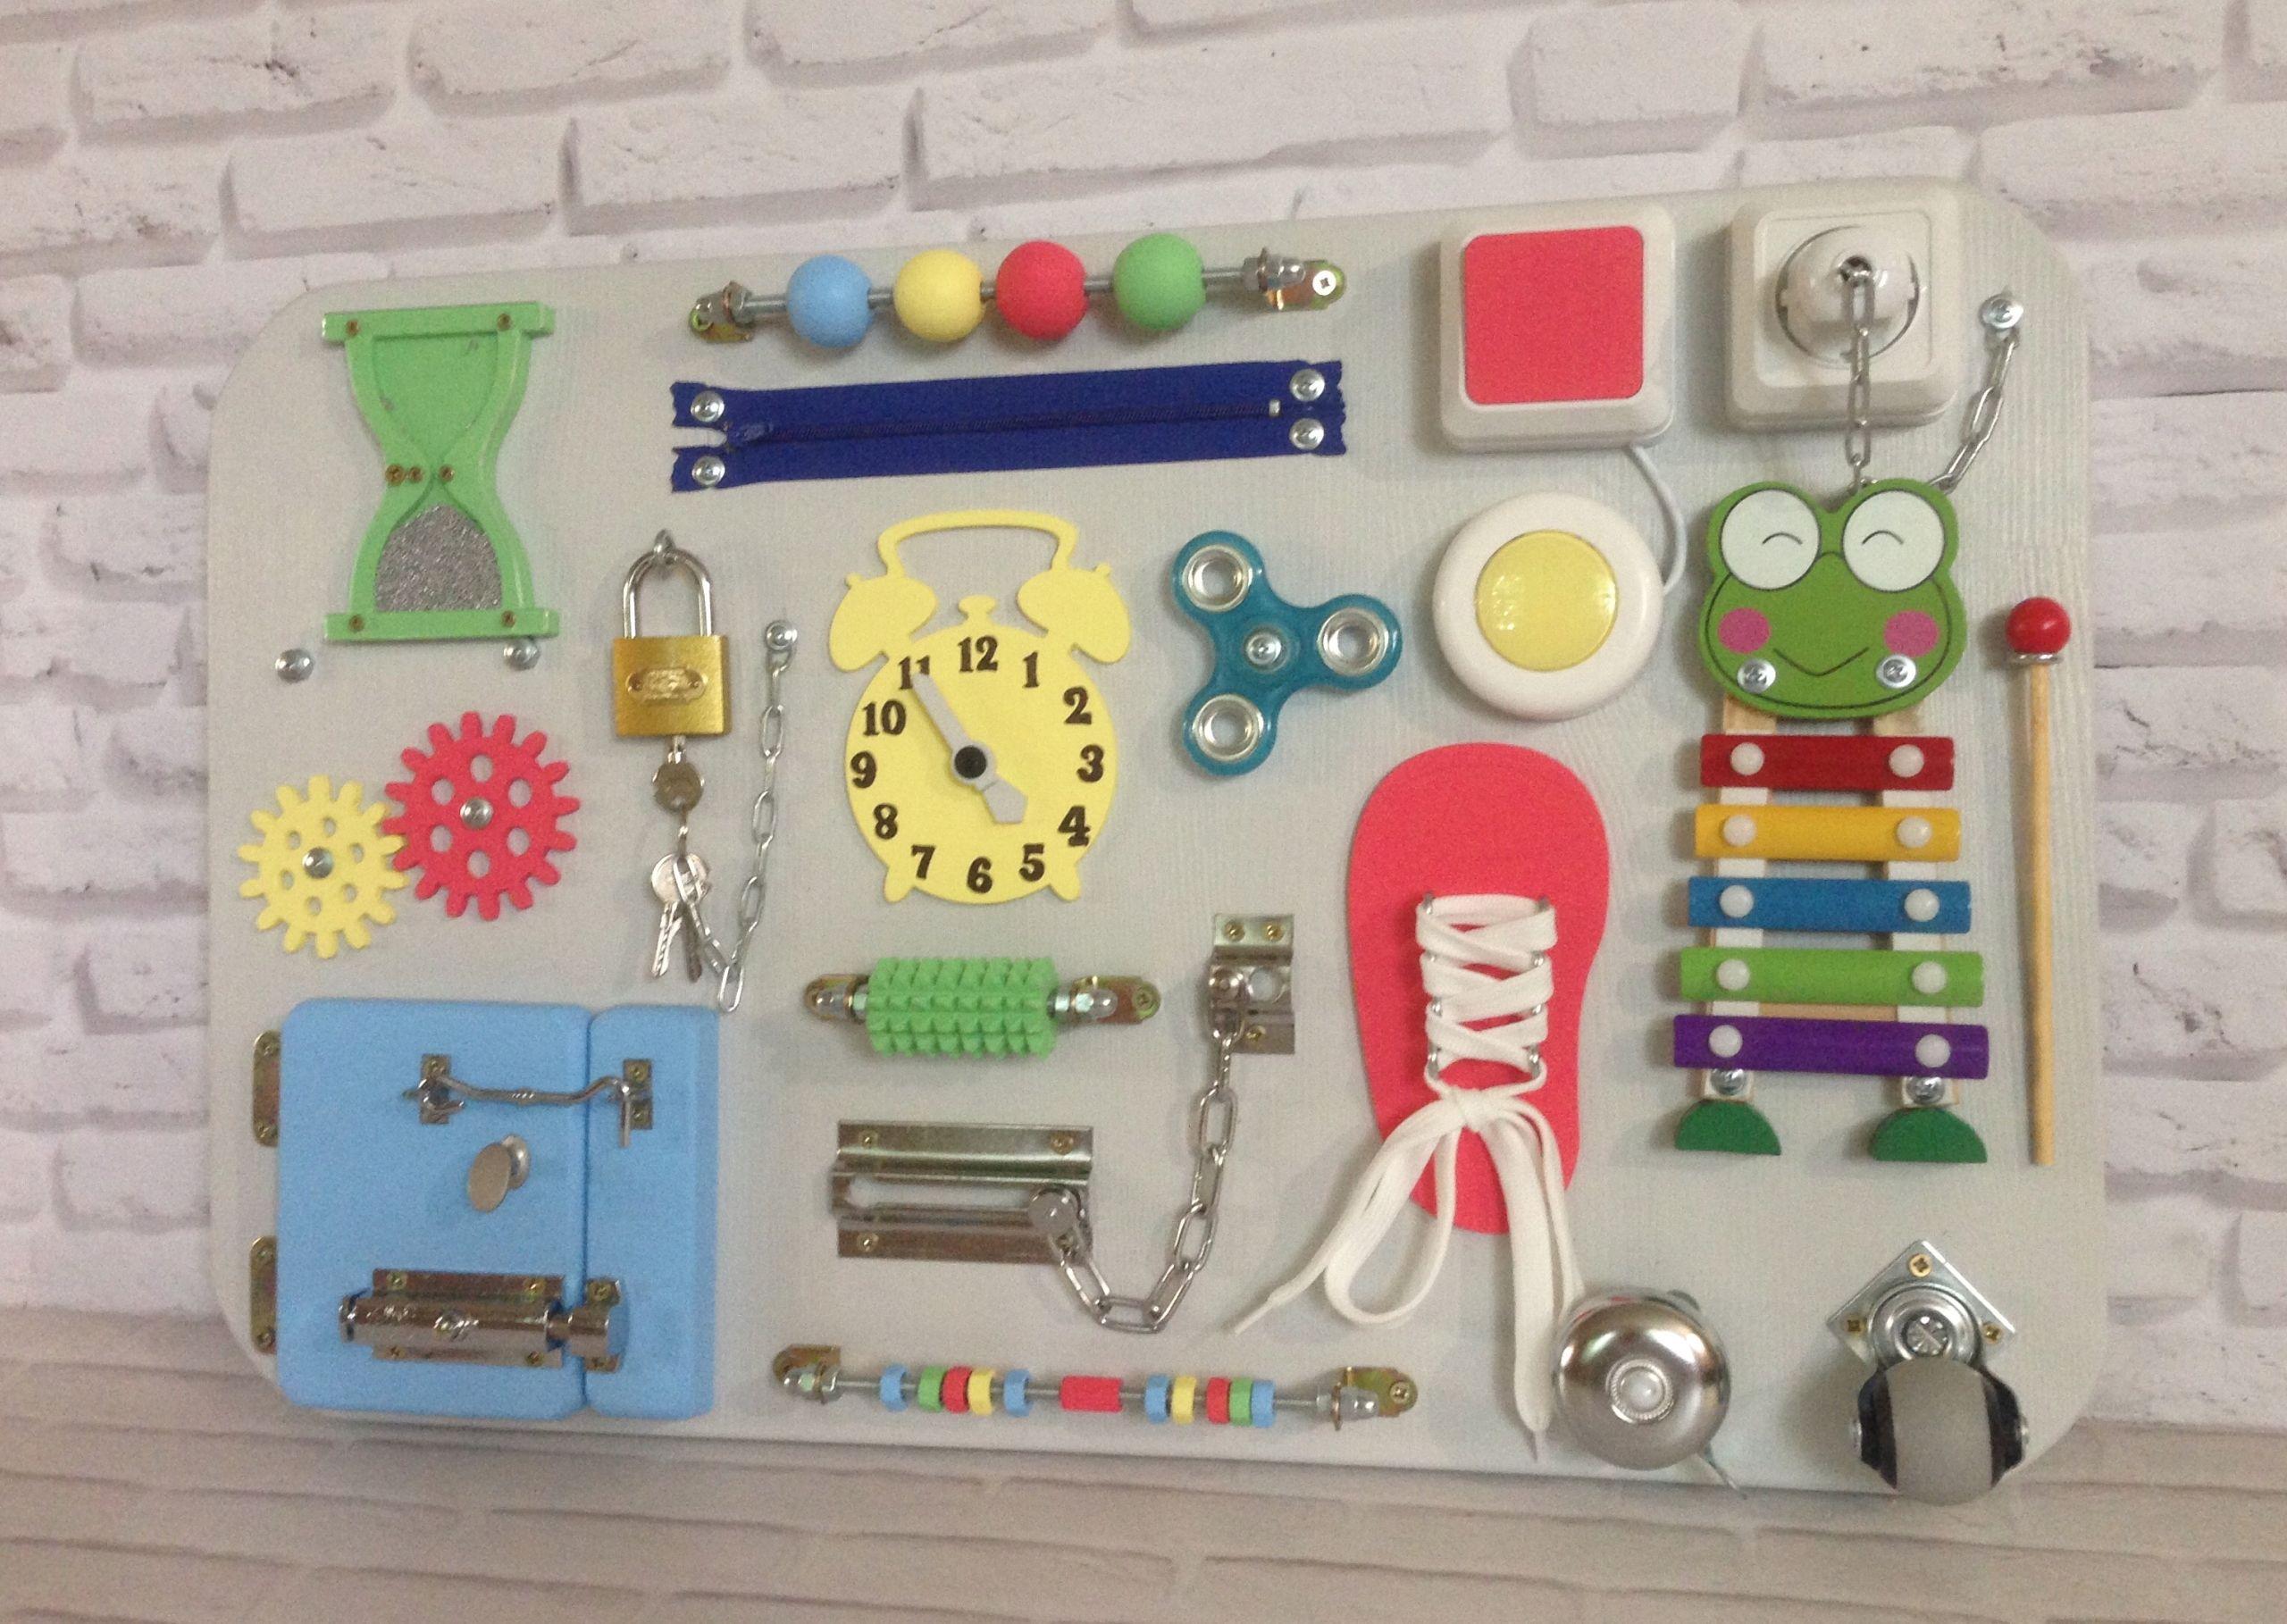 Kup Teraz Na Allegro Pl Za 330 00 Zl Tablica Manipulacyjna Tablica Sensoryczna 7718074712 Allegro Pl Radosc Za Busy Board Kids Learning Sensory Boards